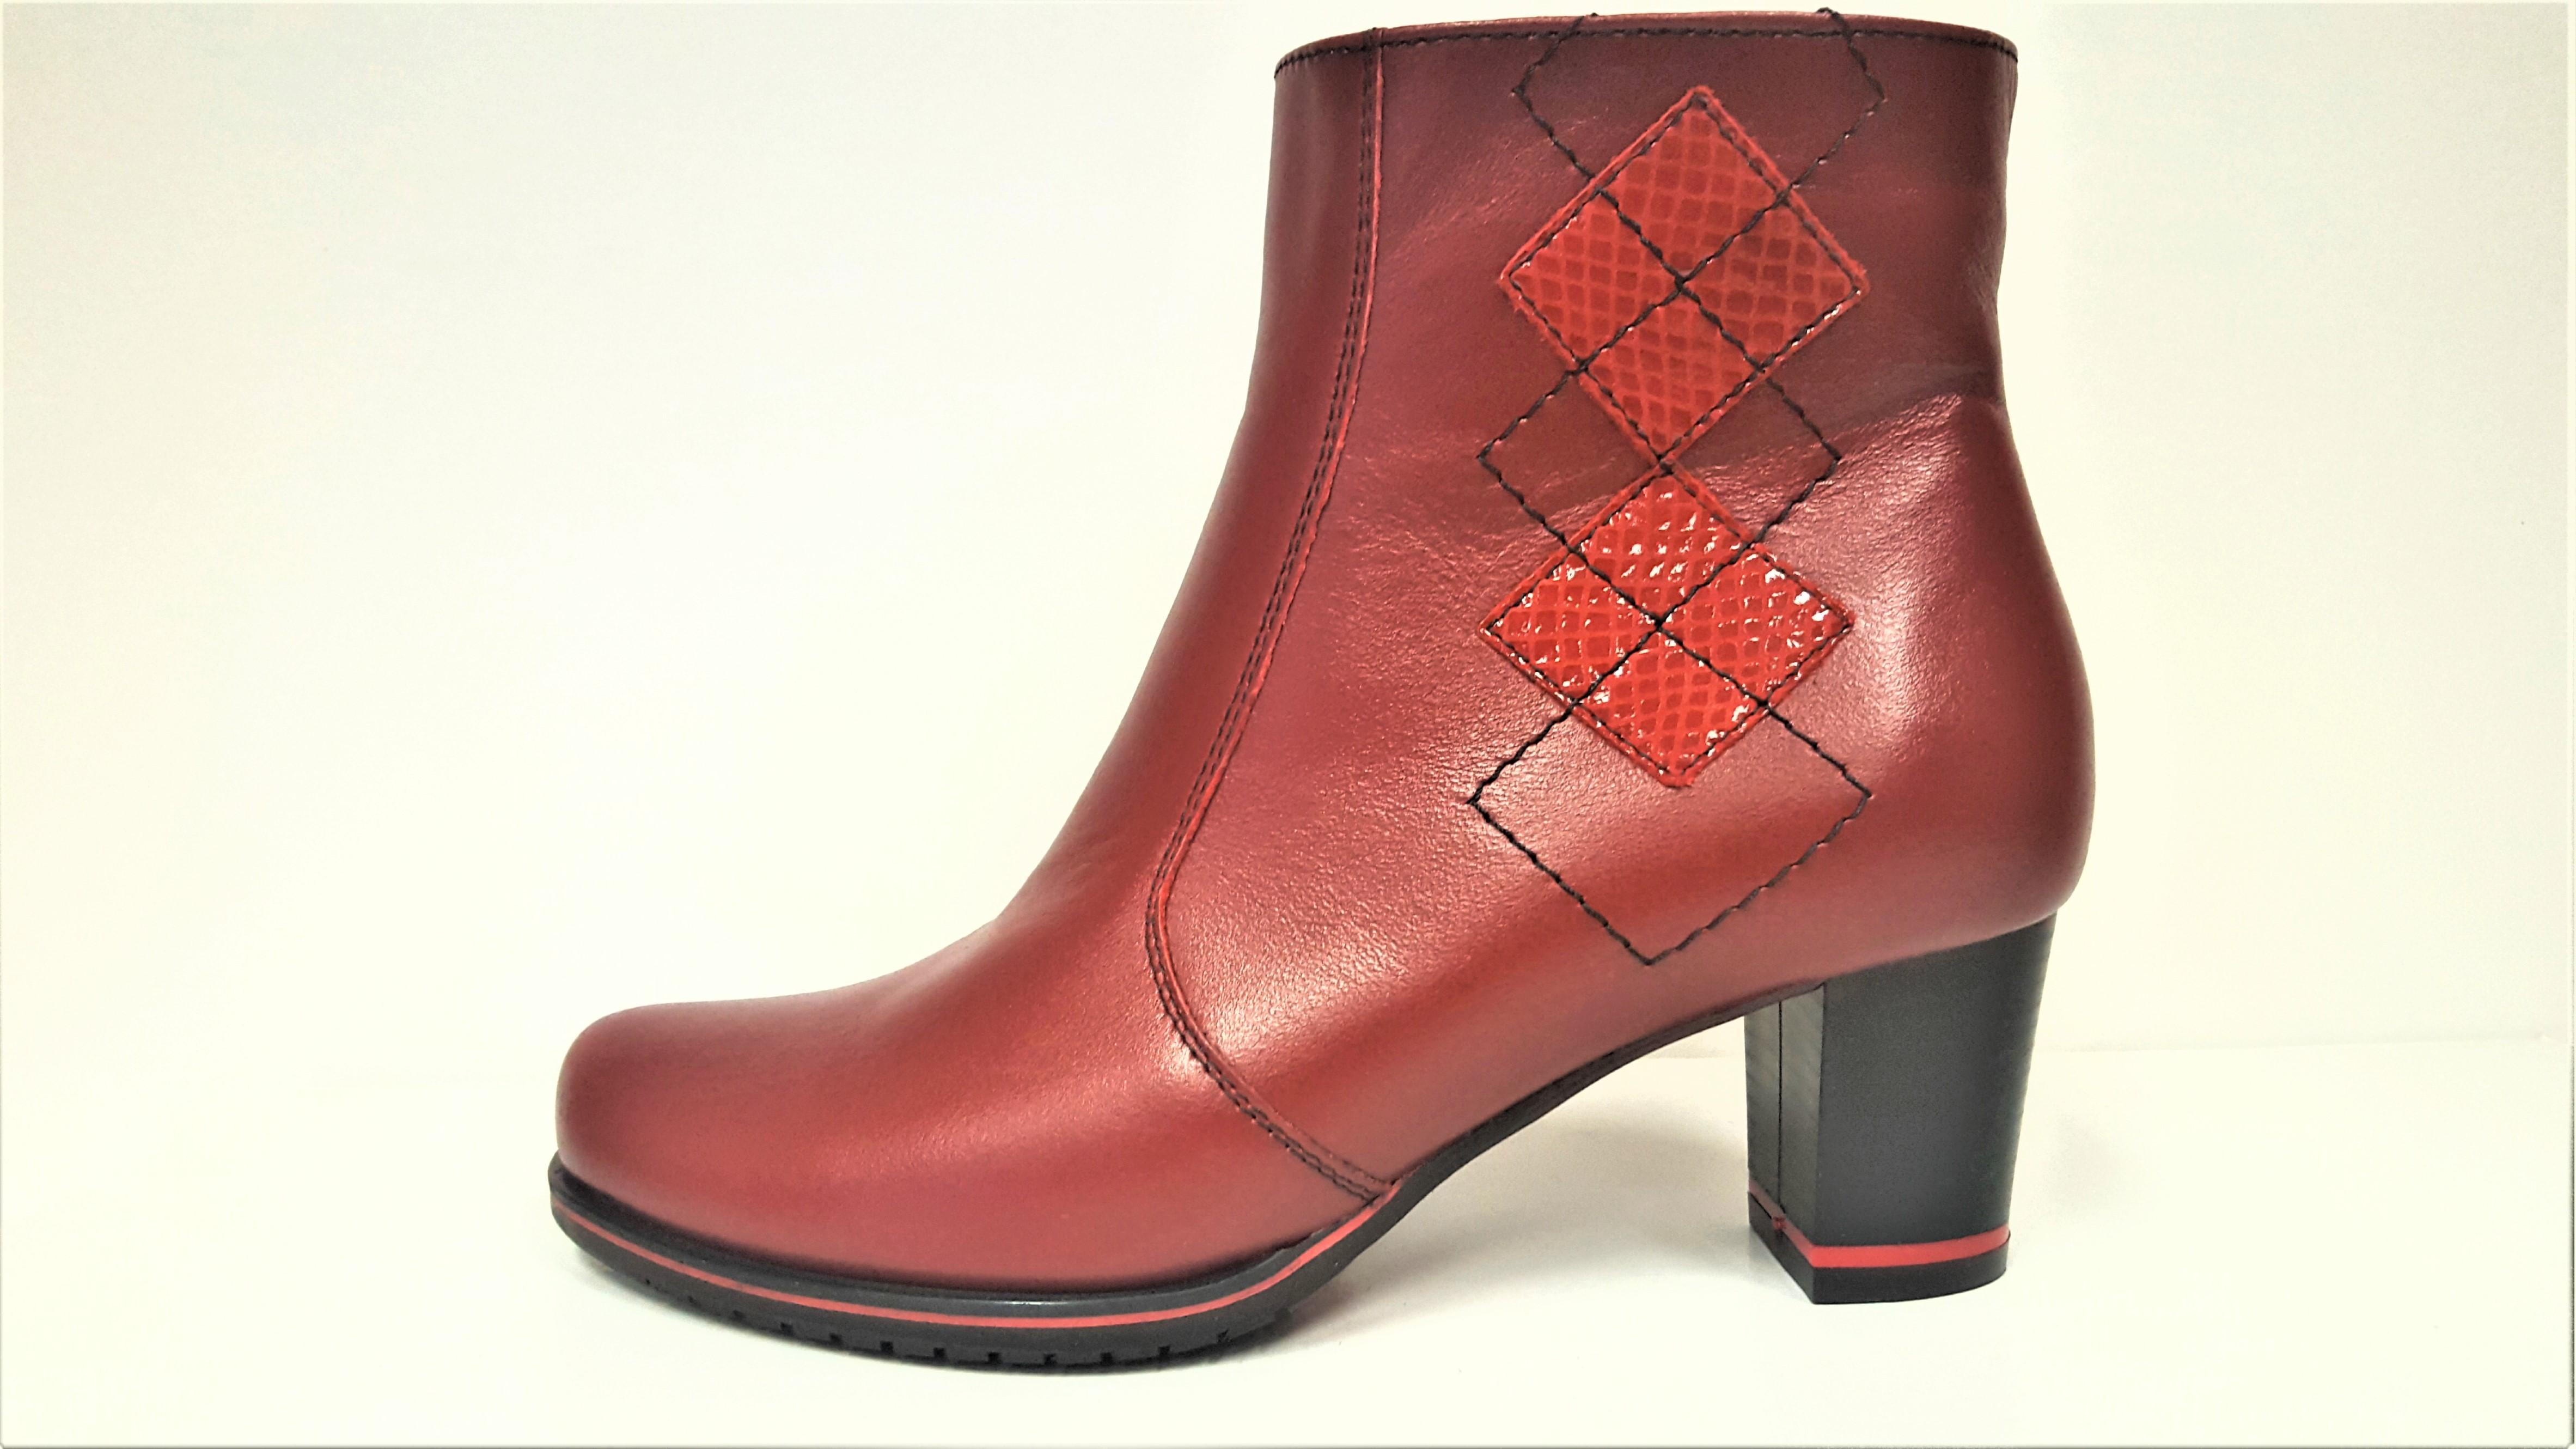 Kotníkové boty na podpatku - Dámské bordó vínové červené kožené kotníkové  elegantní kozačky JAMI 22419 Tabulka f2f169f667